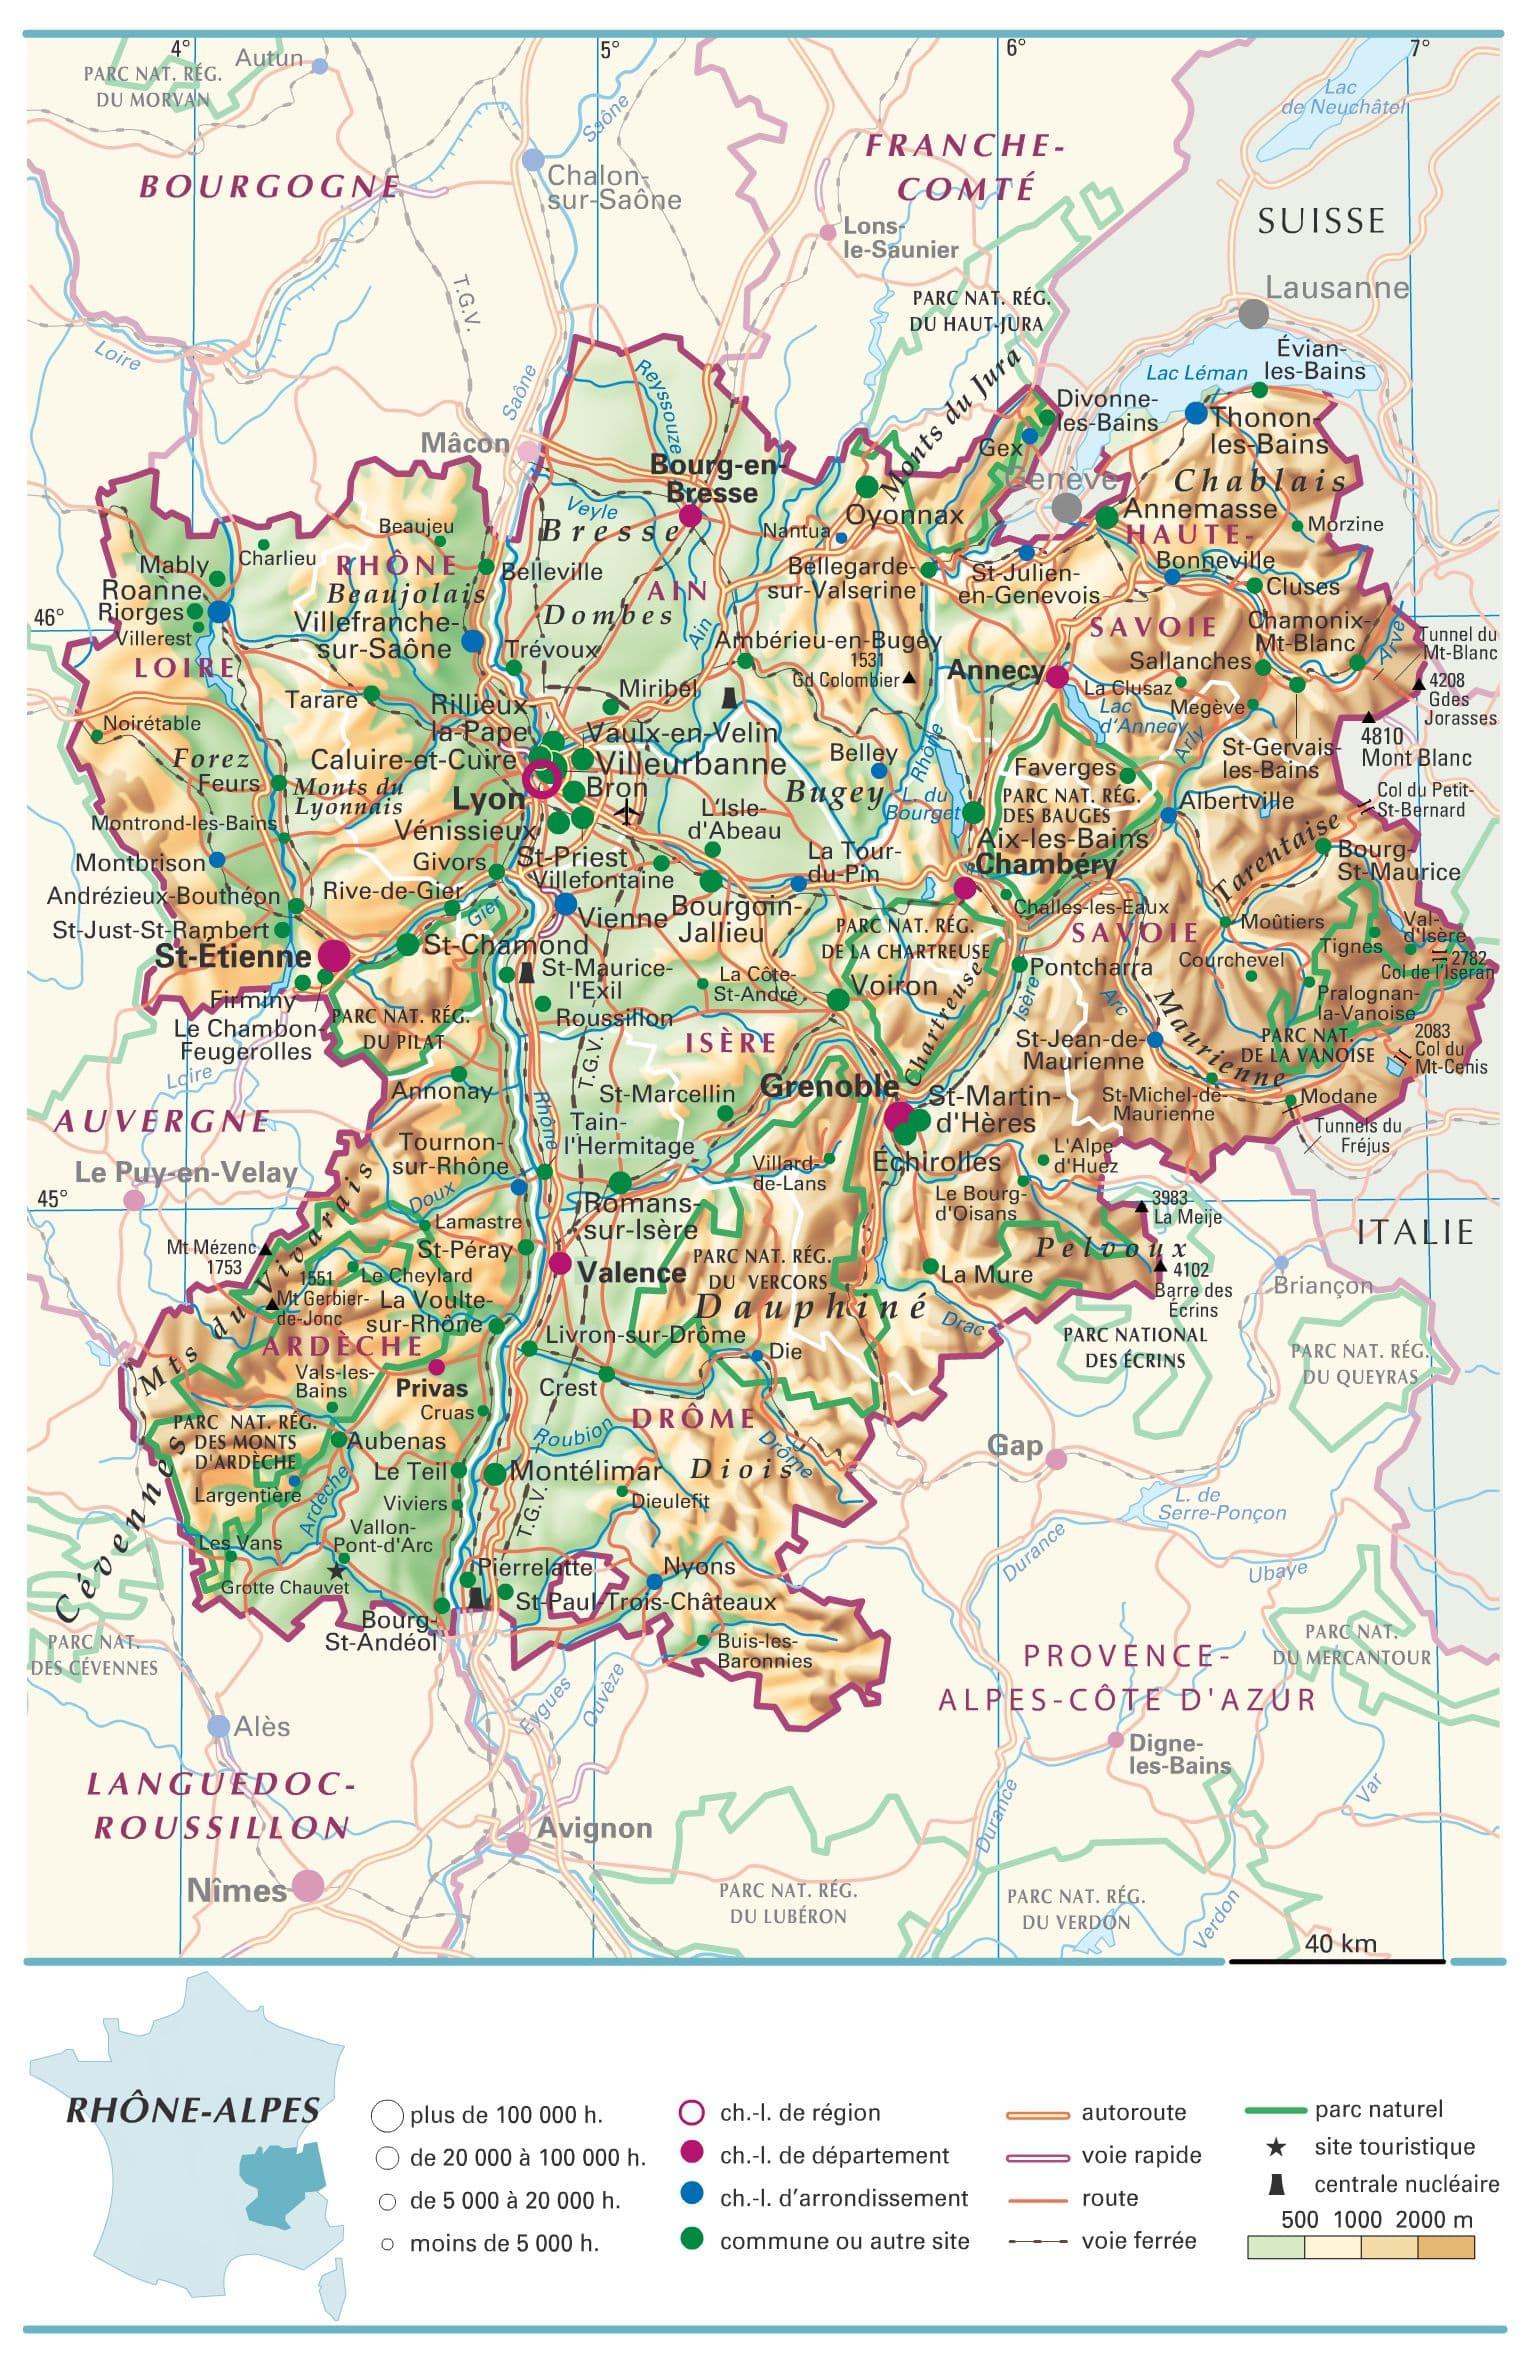 carte rhone alpes